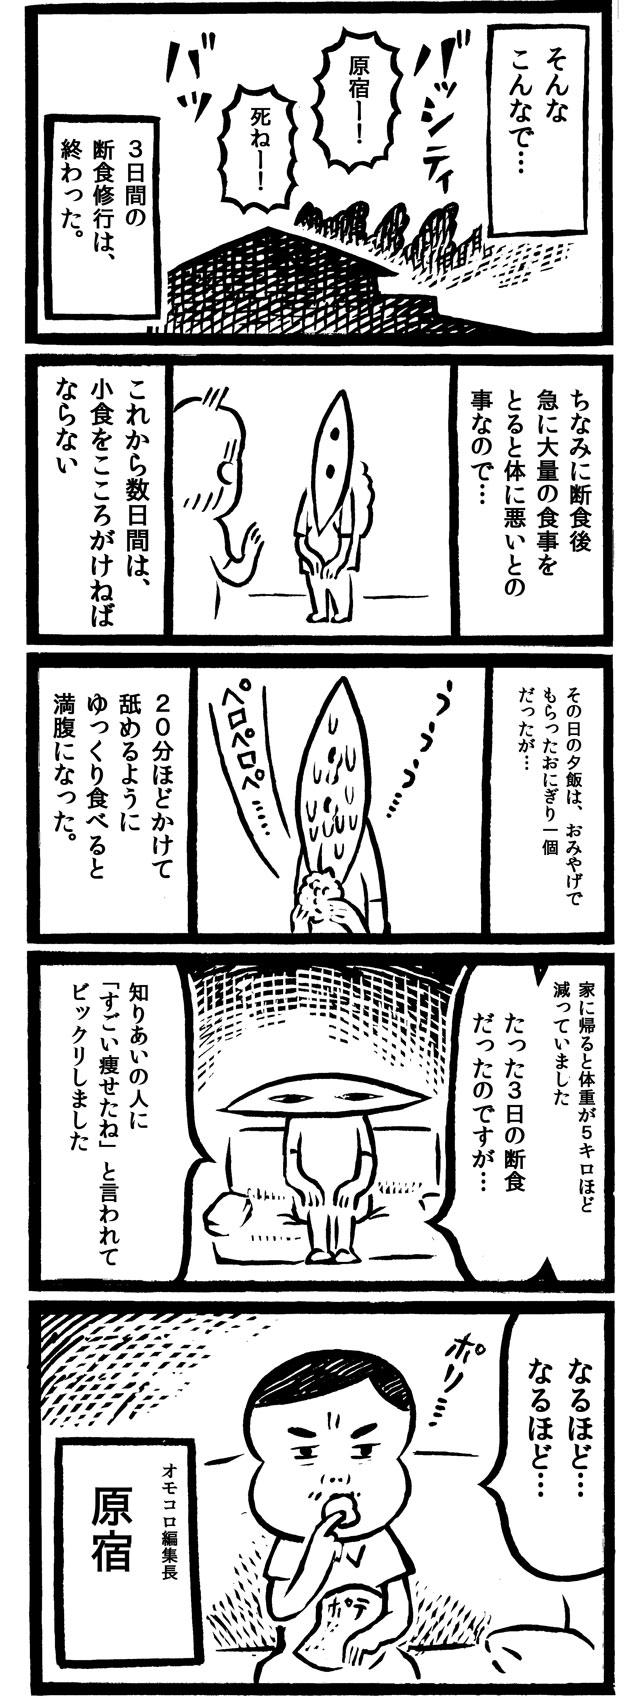 danziki 2 9